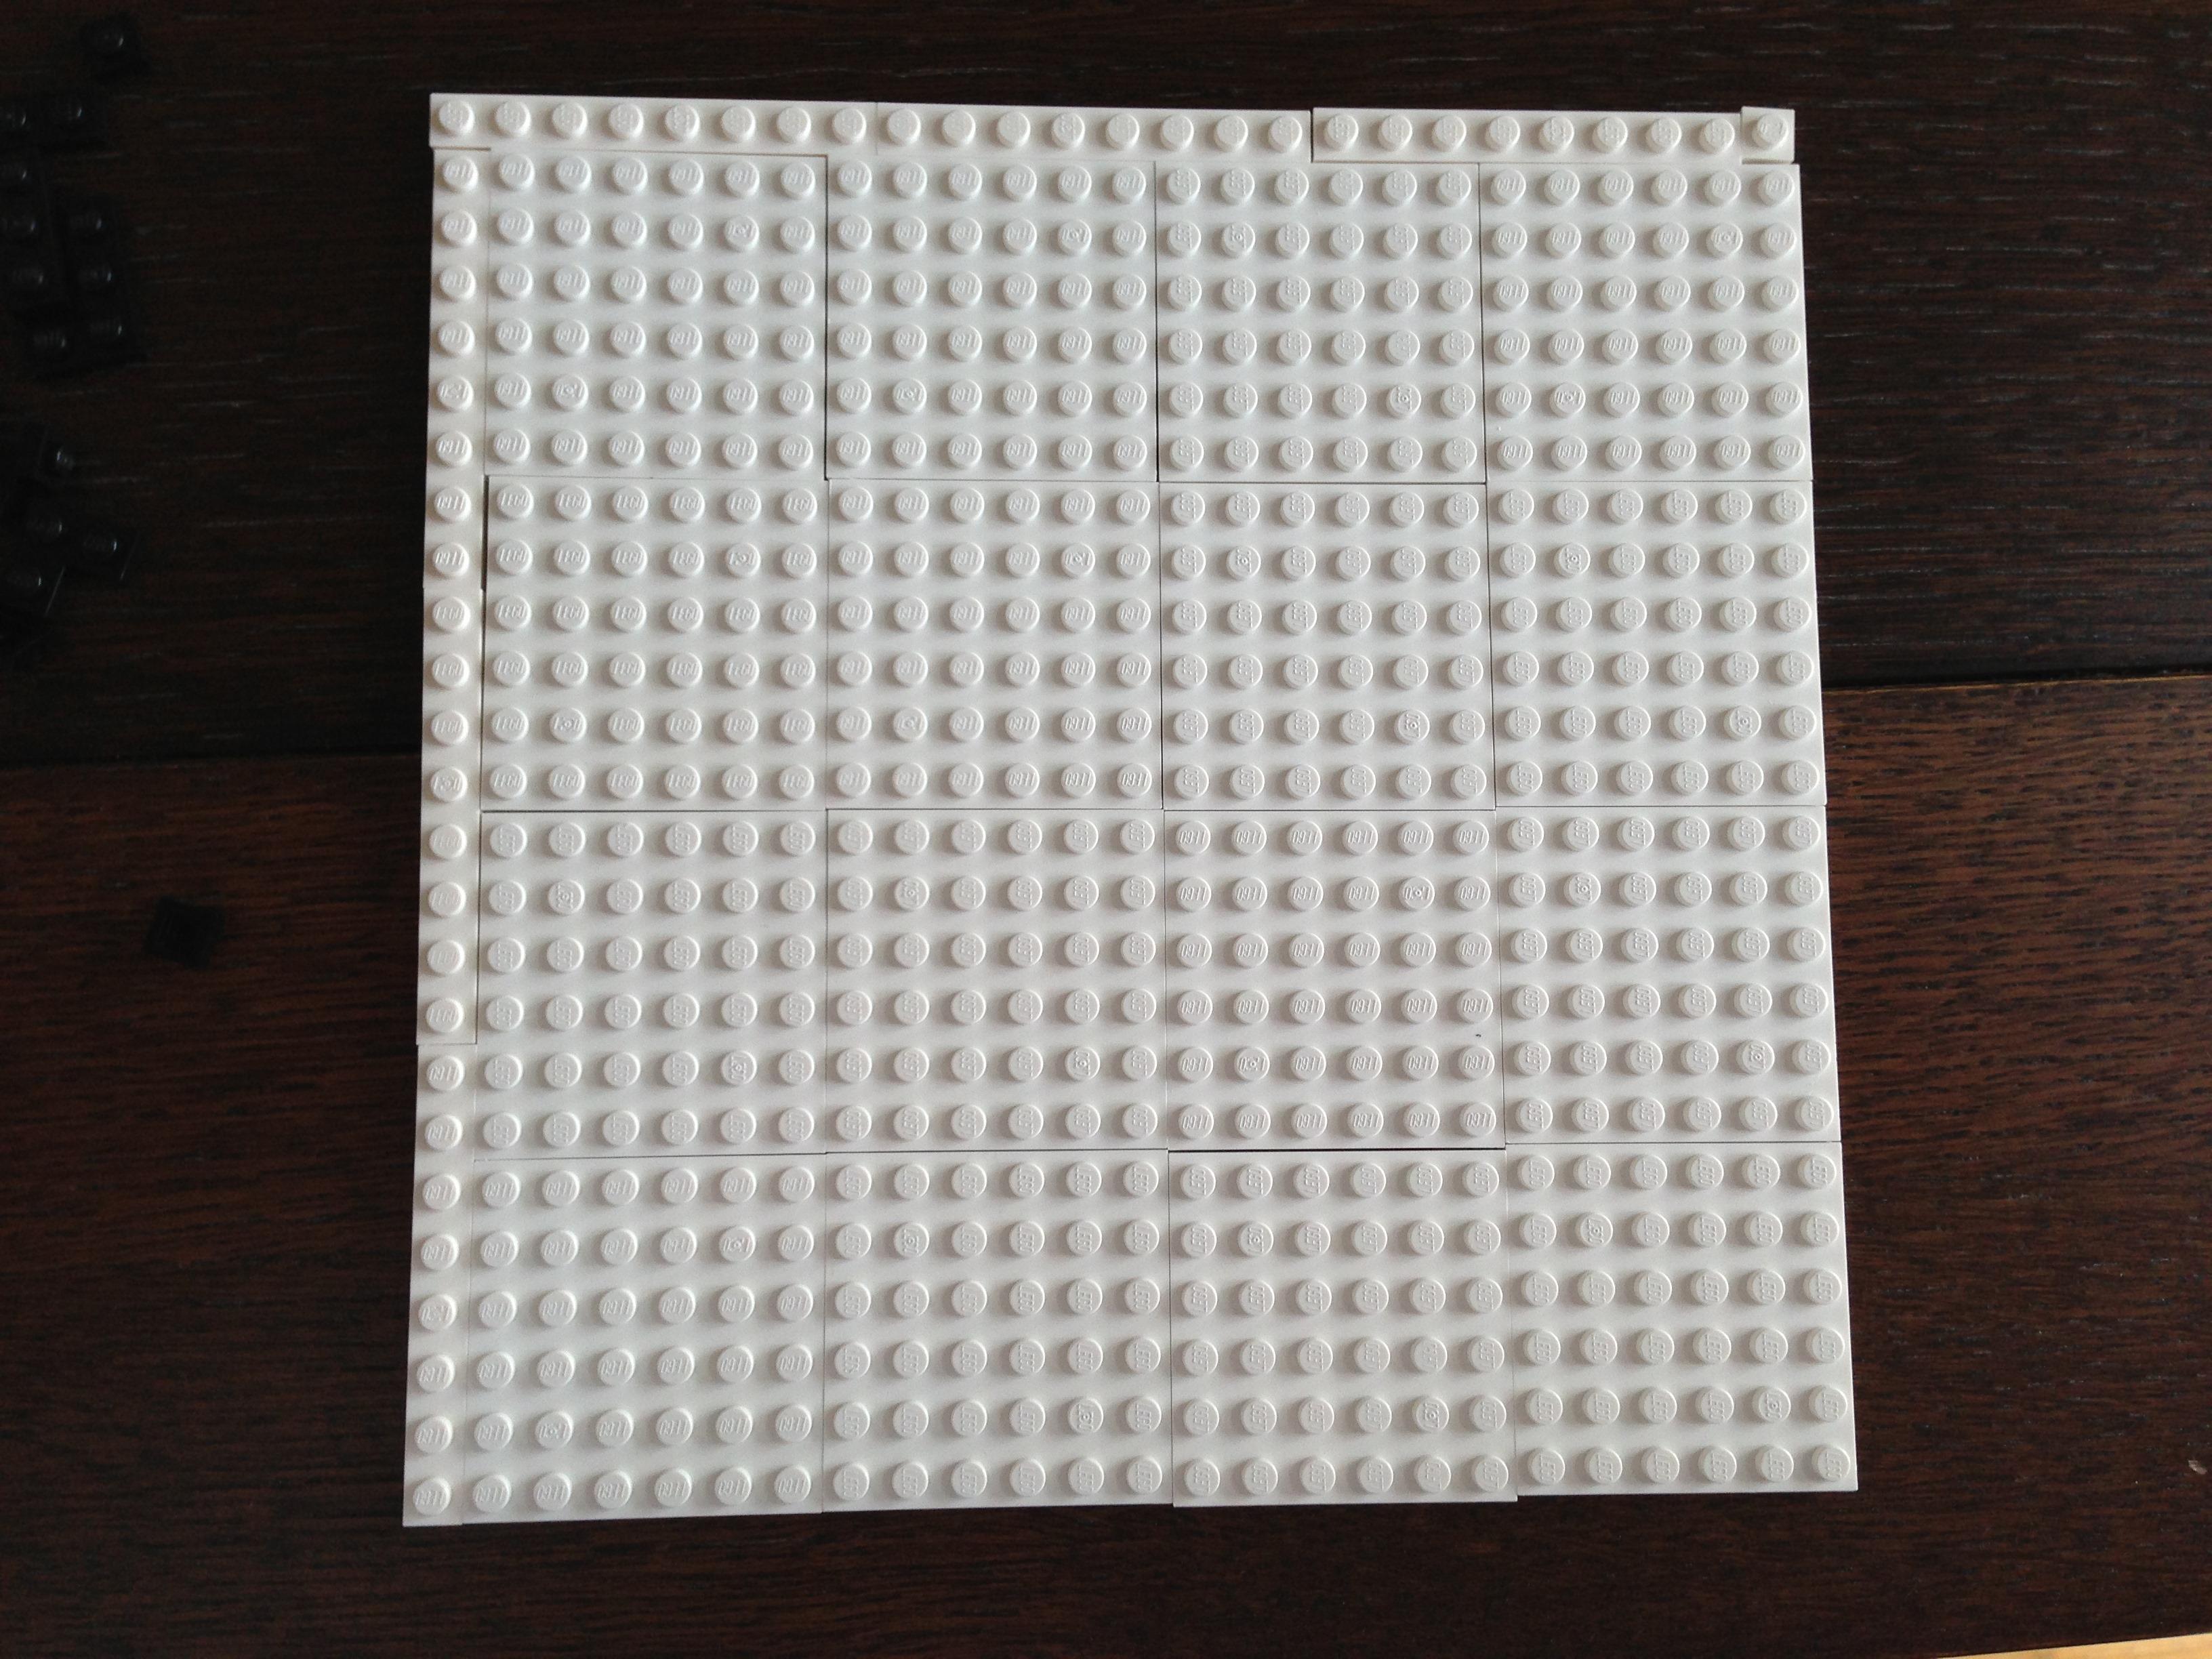 Lego QR 6